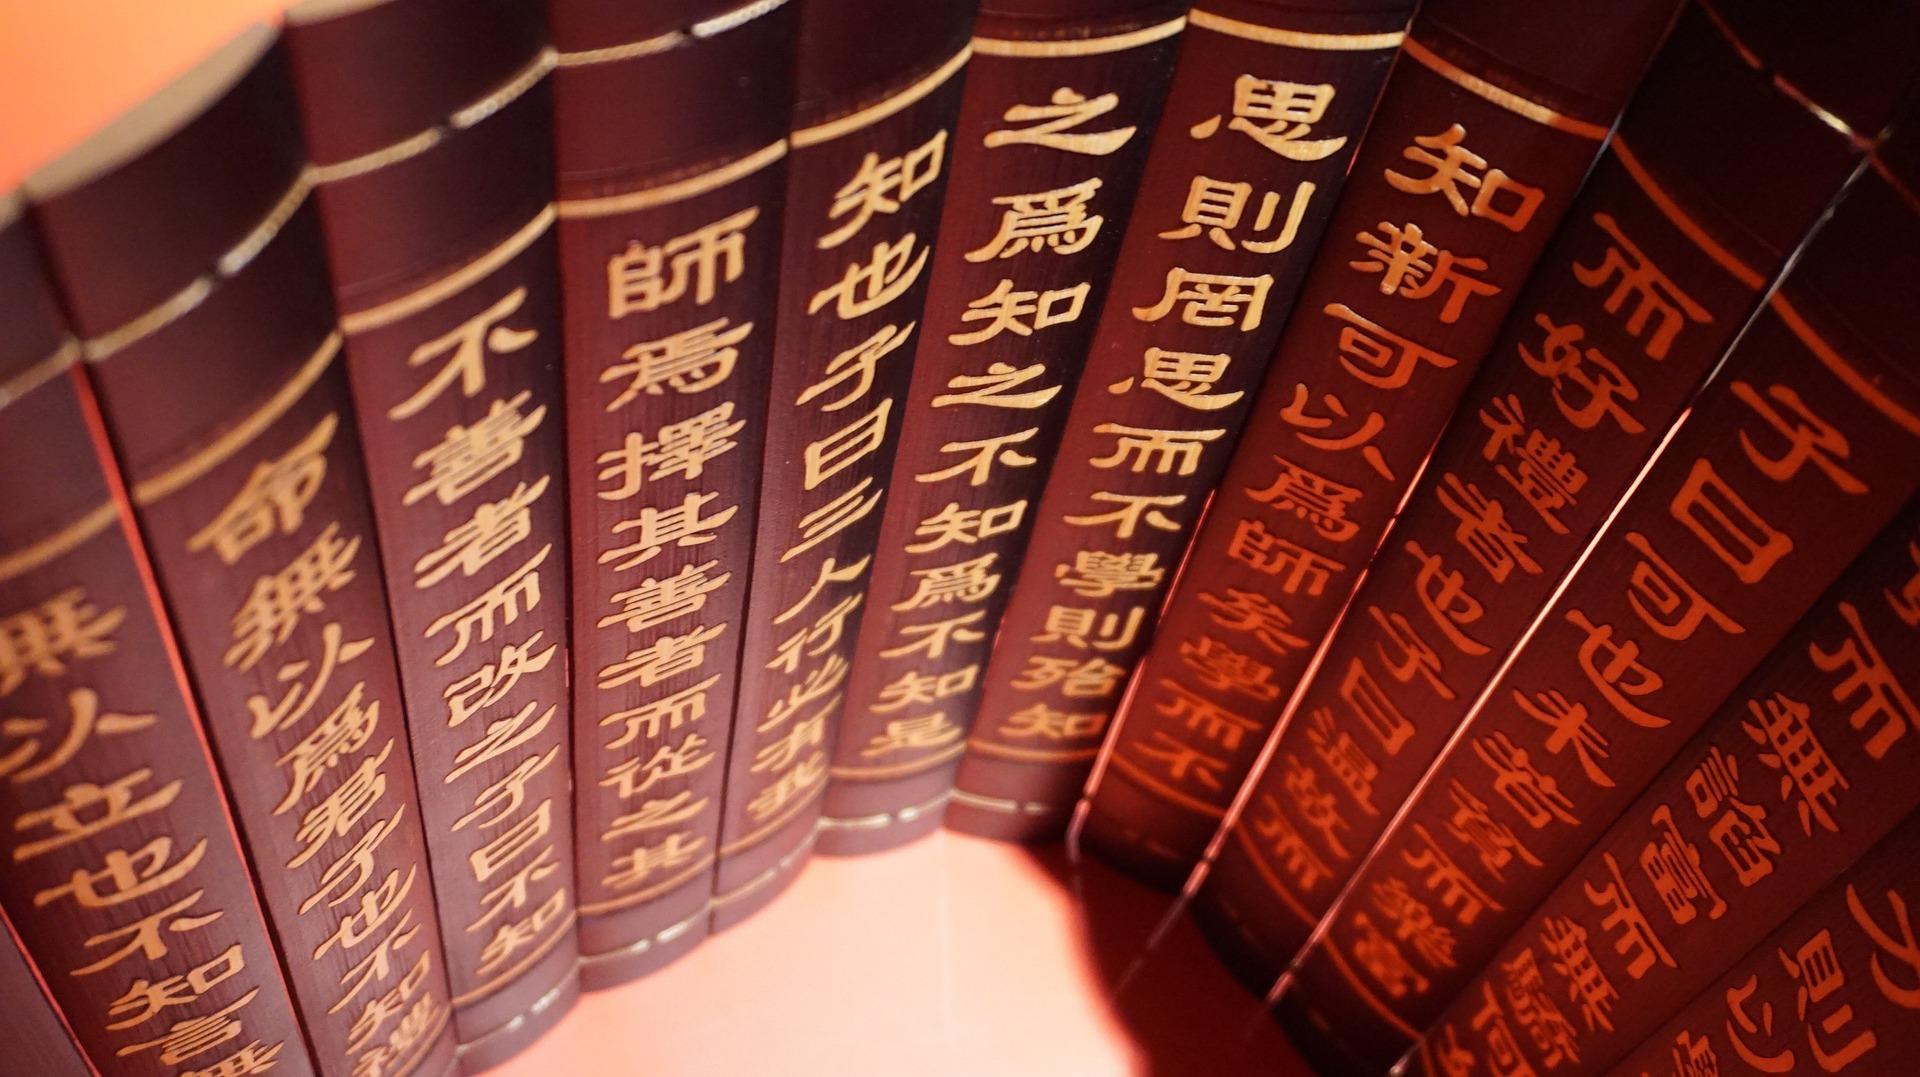 La Traslitterazione Cinese, Tutta Questione Di Musicalità